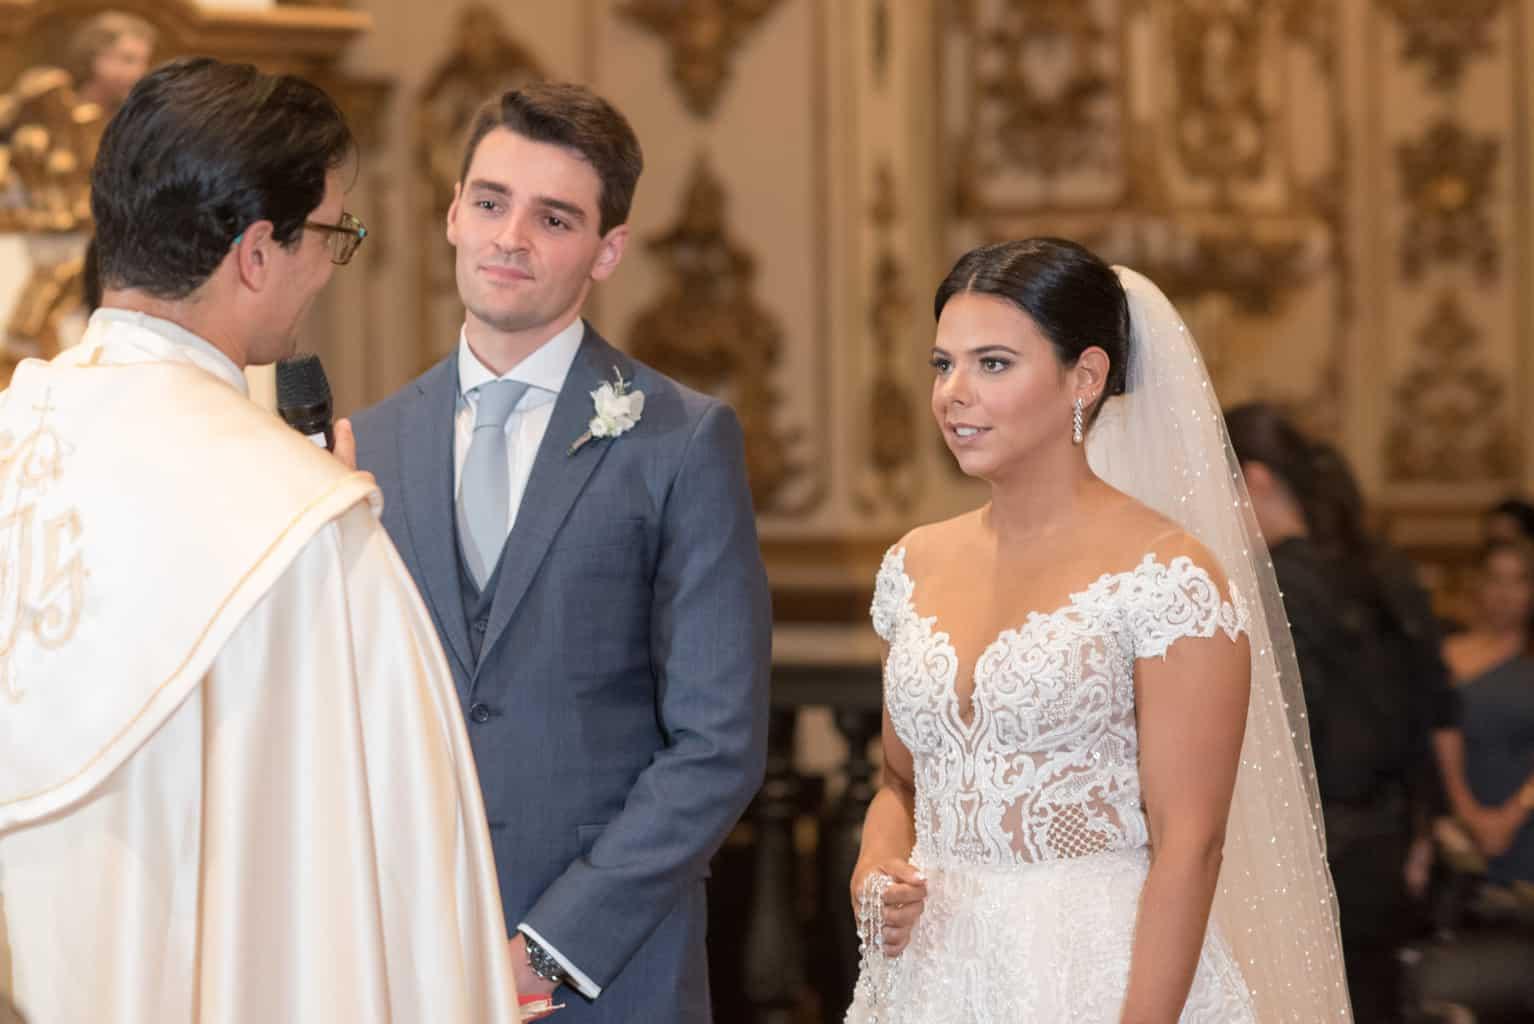 casamenot-Carolina-e-Thiago-casamento-clássico-Rio-de-Janeiro-Fotografia-Marina-Fava35